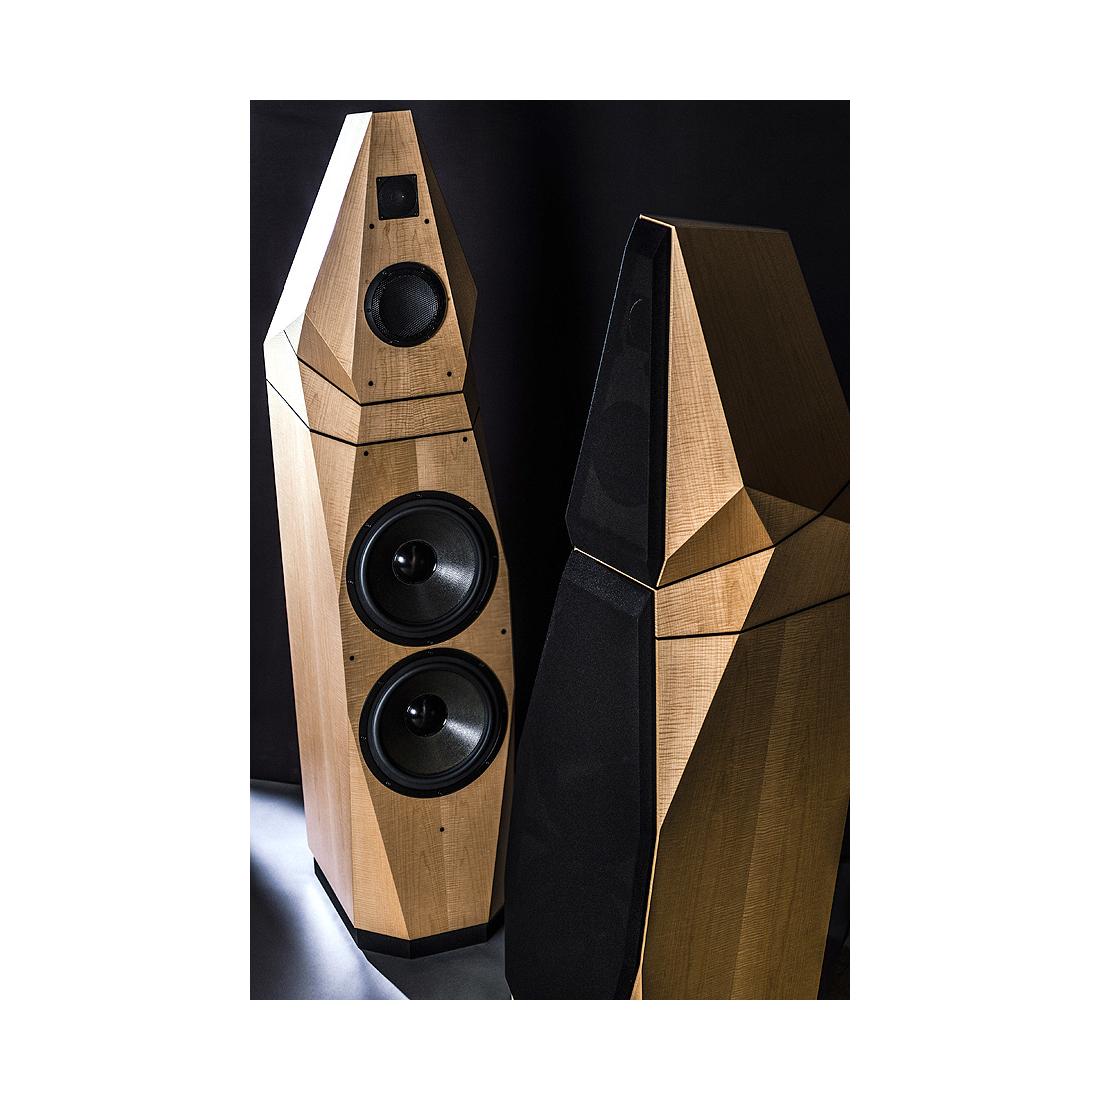 Avalon Acoustics Saga Maple 特別価格ASK! アヴァロン スピーカーシステム ペア